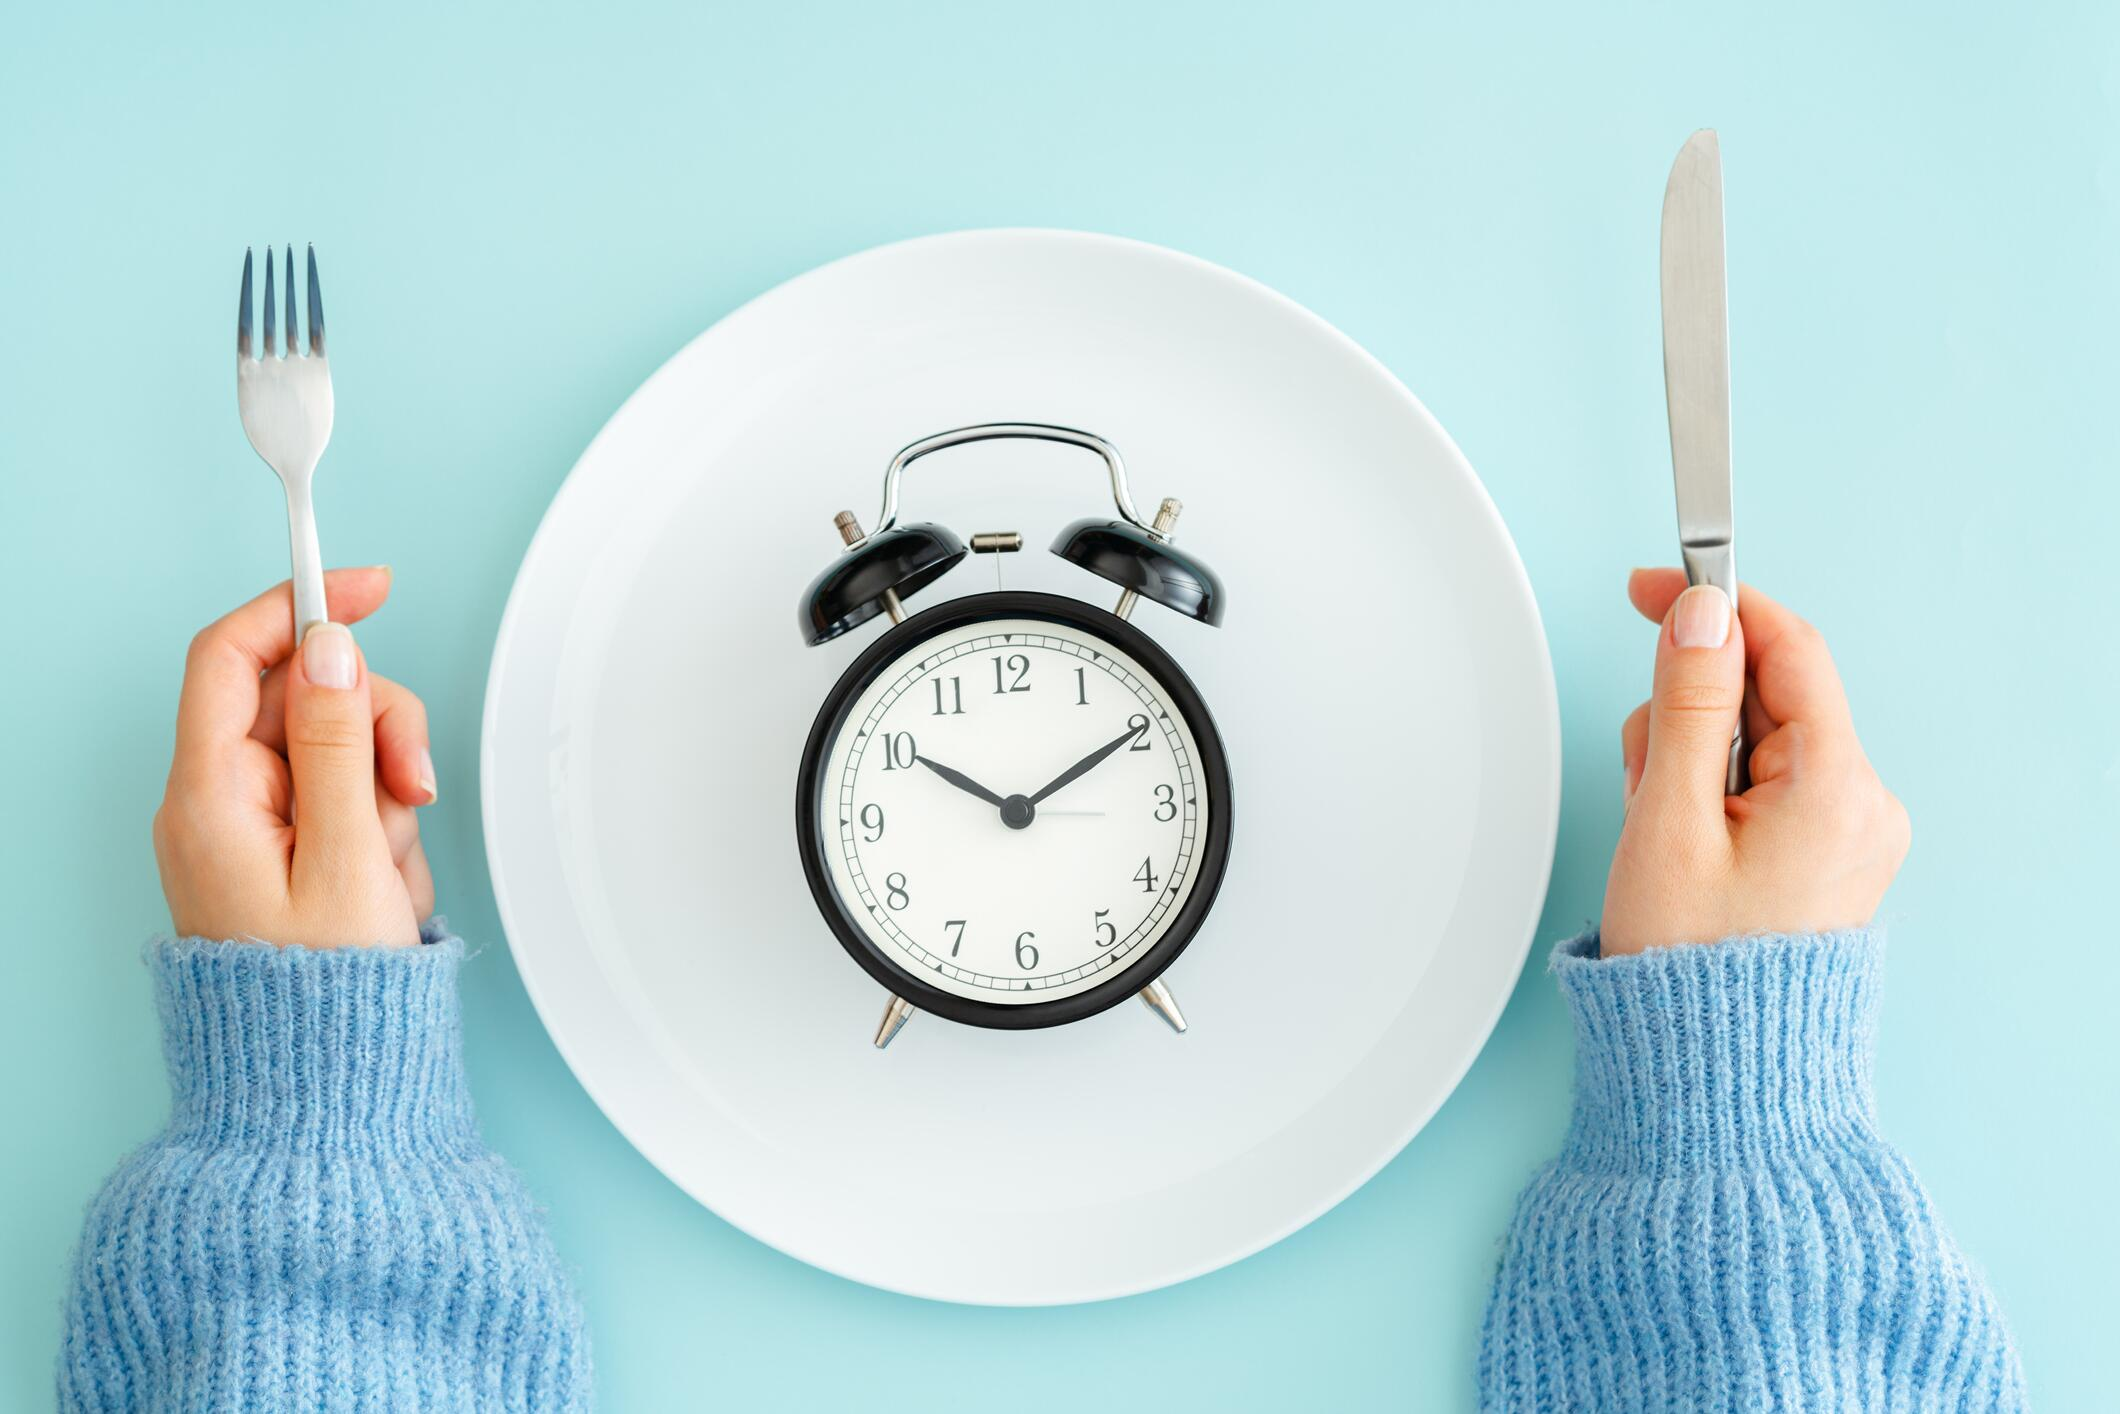 Bild zu fasten, fastenzeit, diät, verzicht, gesund, intervallfasten, trend, lifestyle, ostern